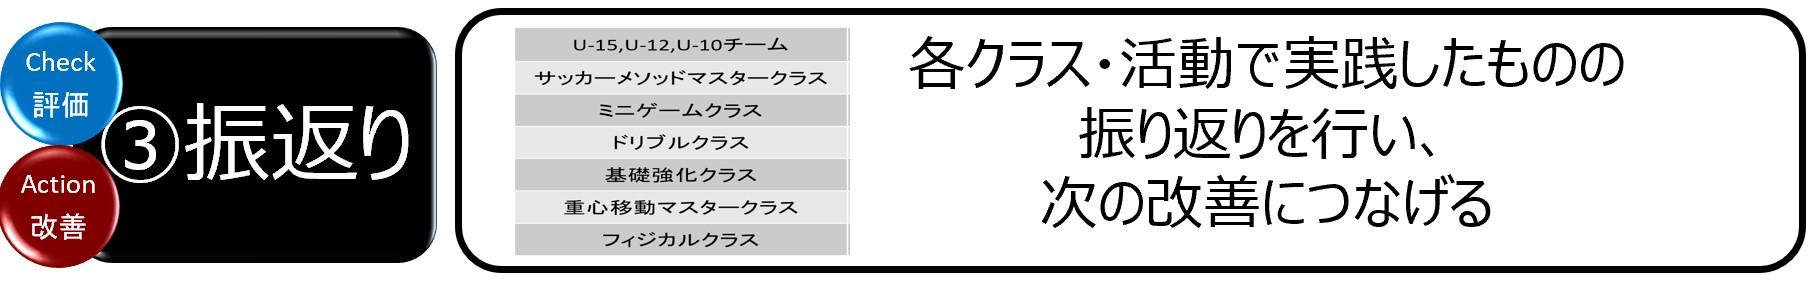 アカデミー育成サイクル_③振返り_20210520